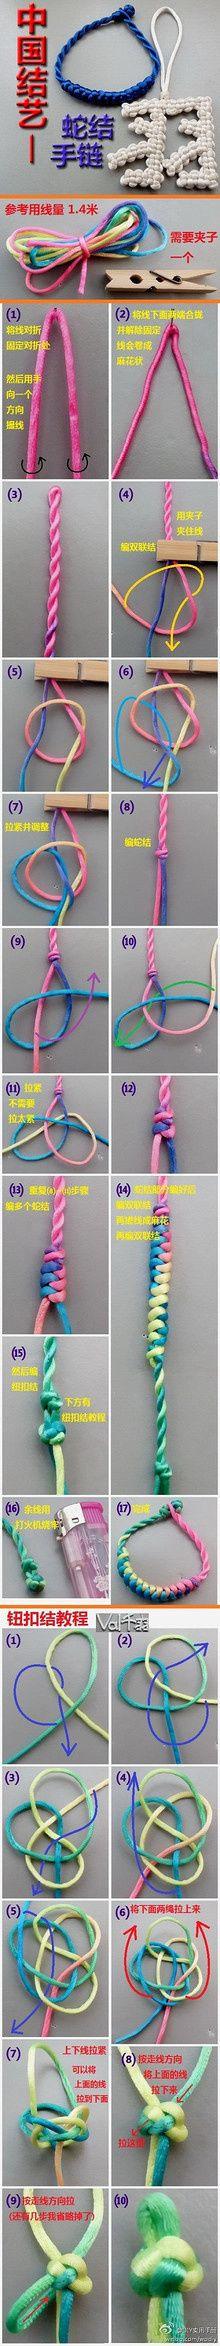 DIY Snake Knot Style Bracelet